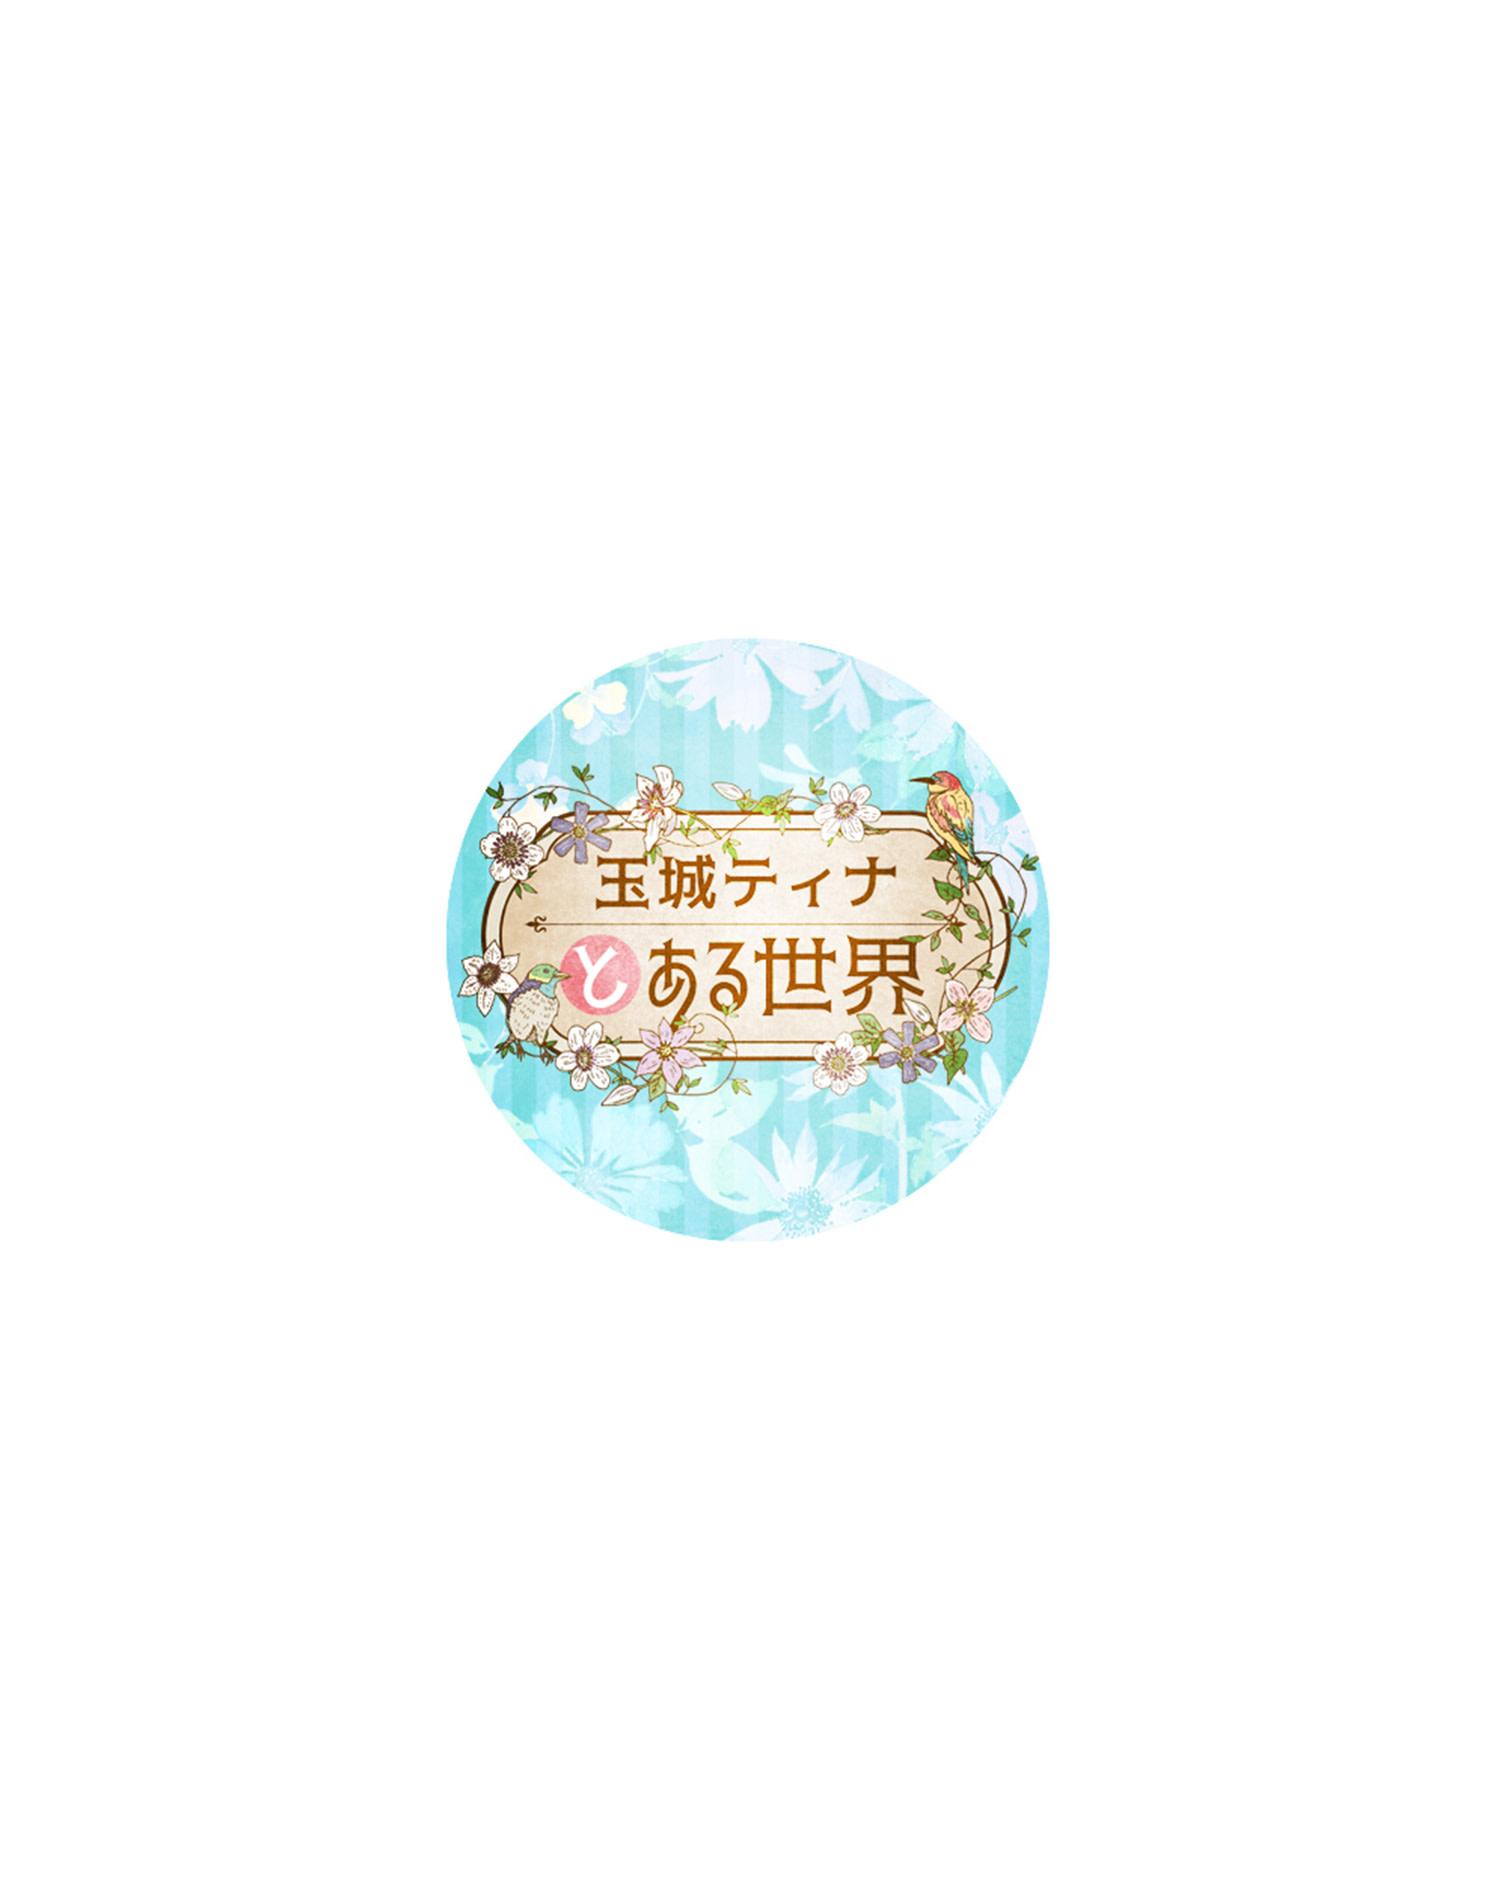 玉城ティナ とある世界のロゴ